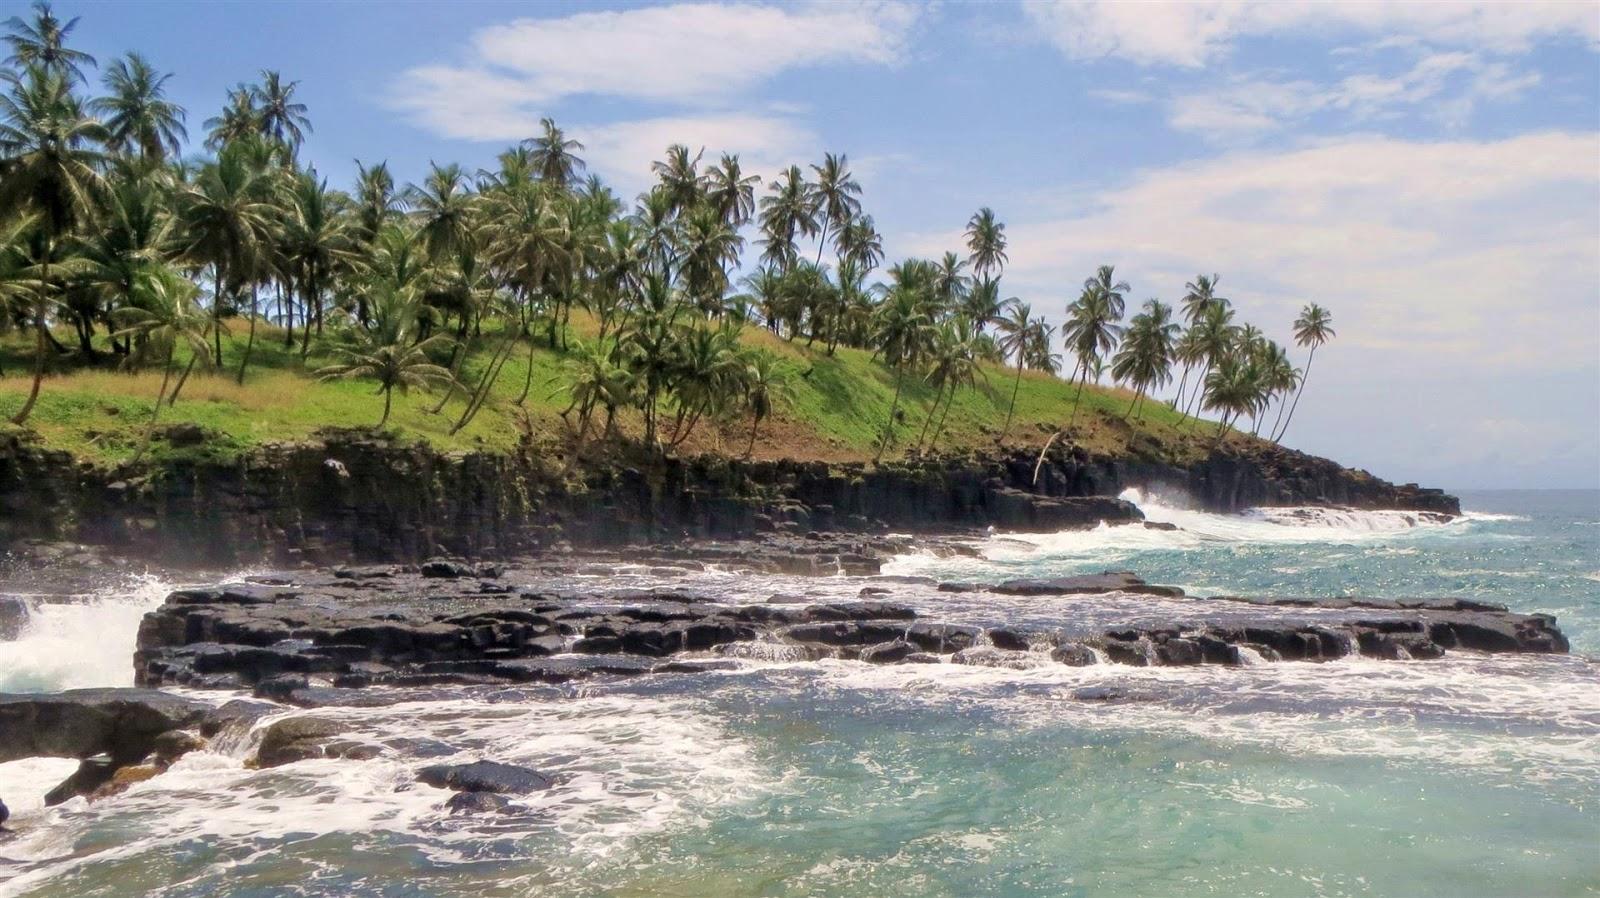 Bill's Excellent Adventures: São Tomé & Príncipe